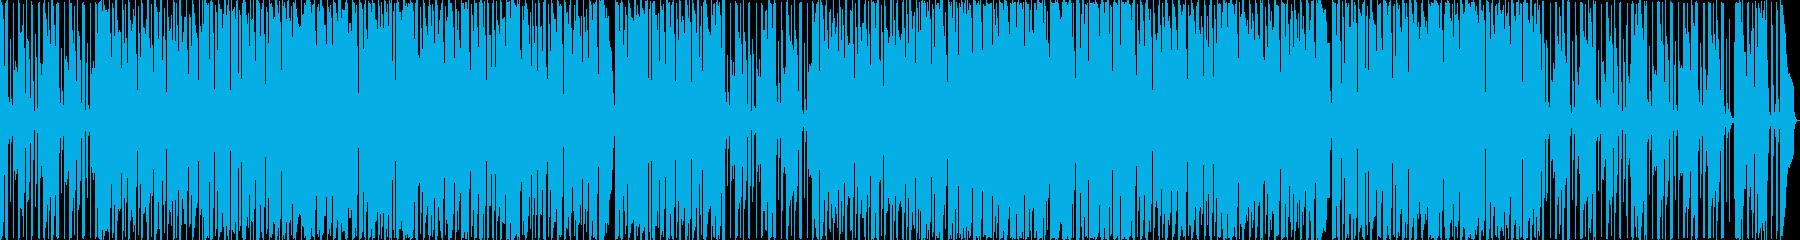 マリオのようなアクションゲームの再生済みの波形